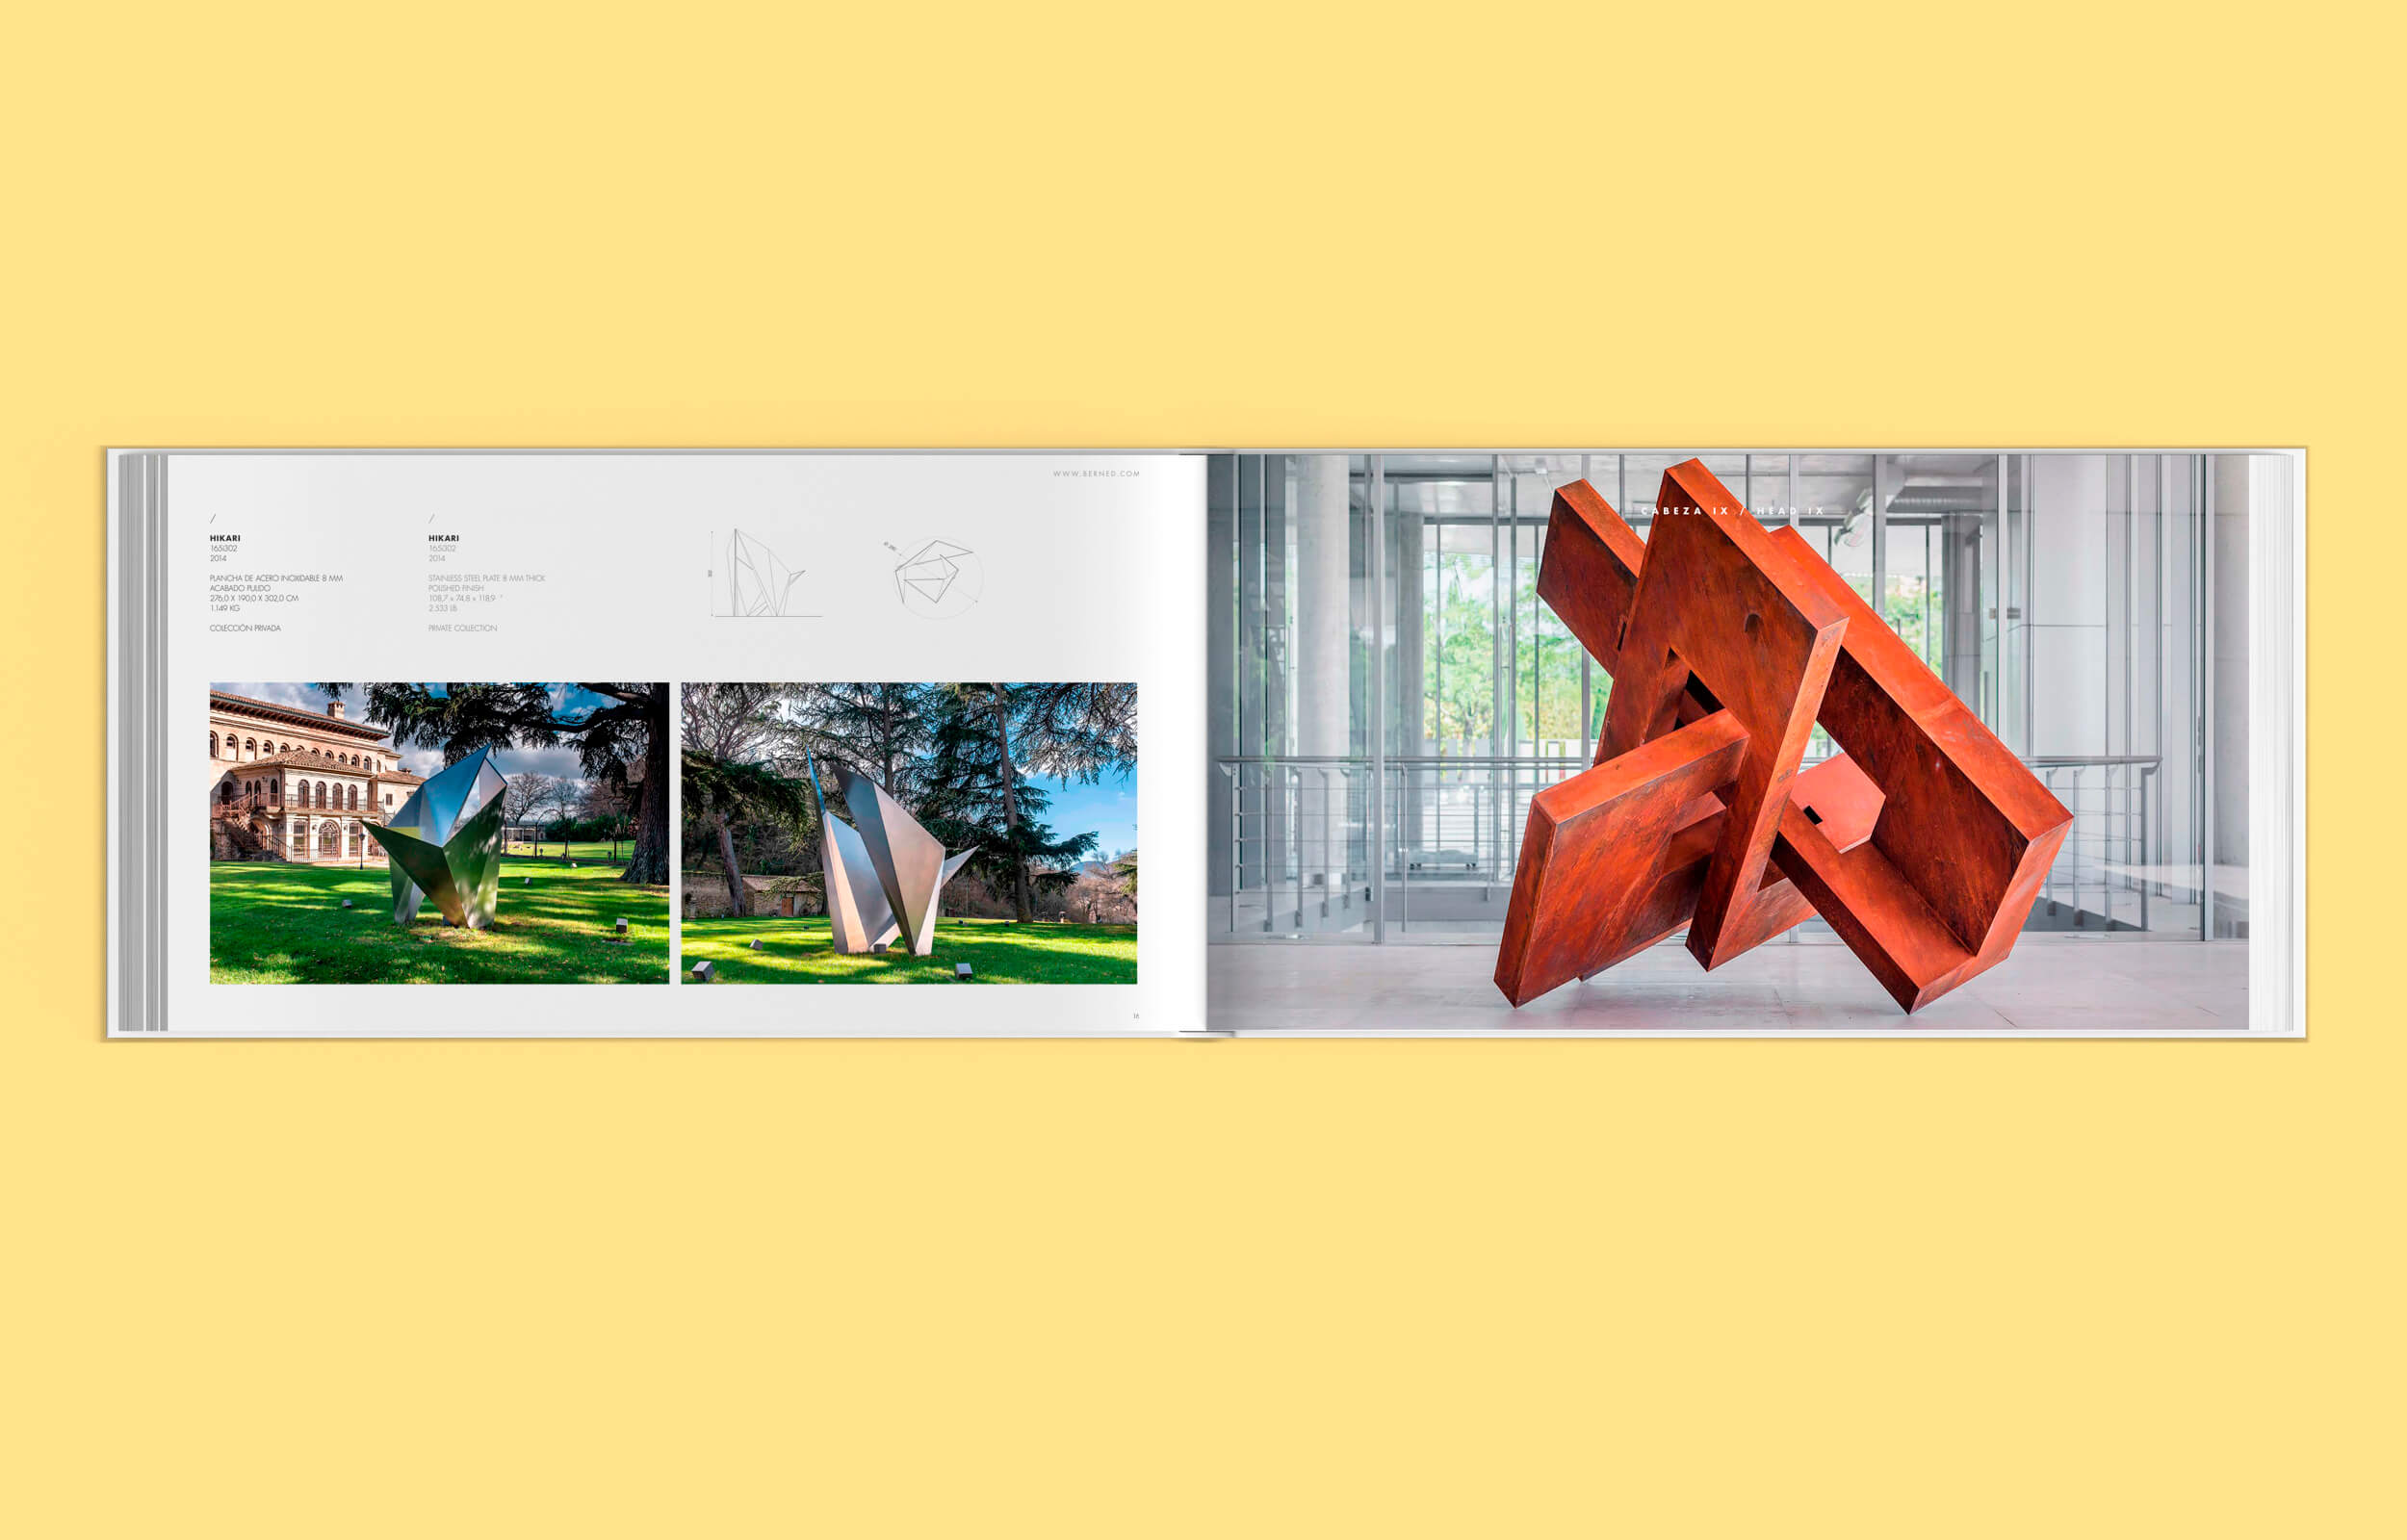 Diseño y maquetación del dossier de obra del escultor madrileño Arturo Berned